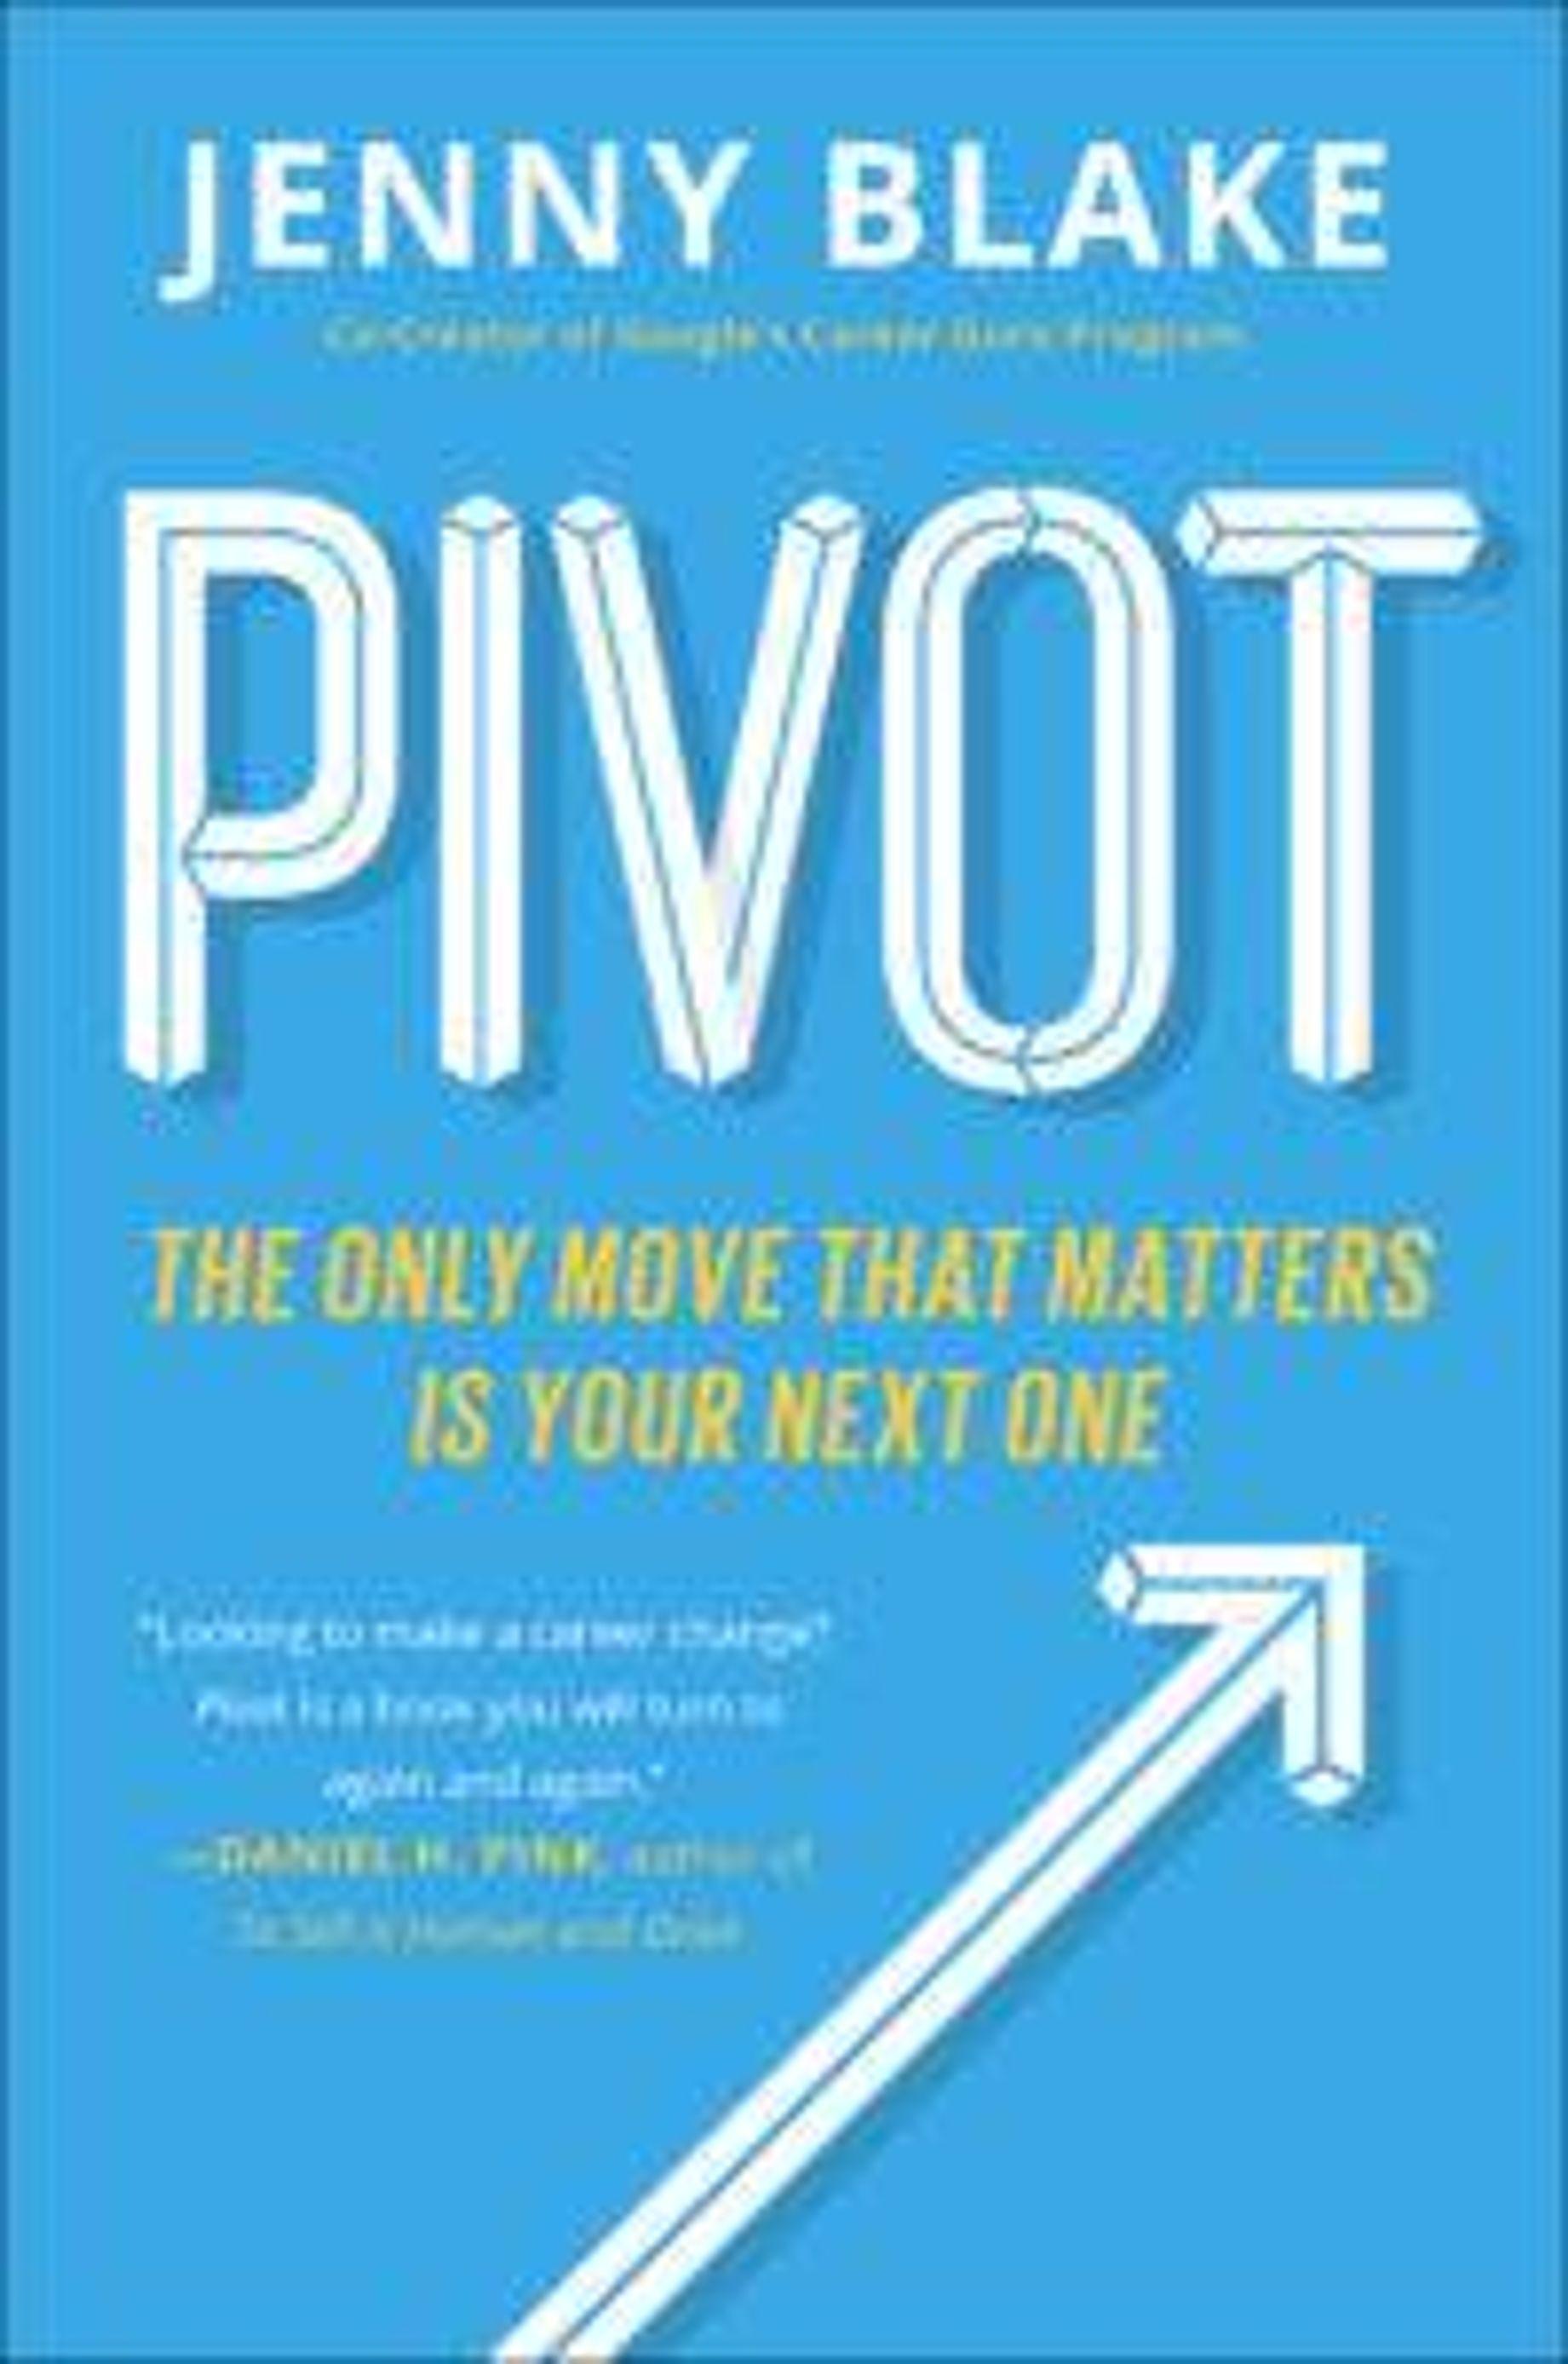 Pivot_jacket